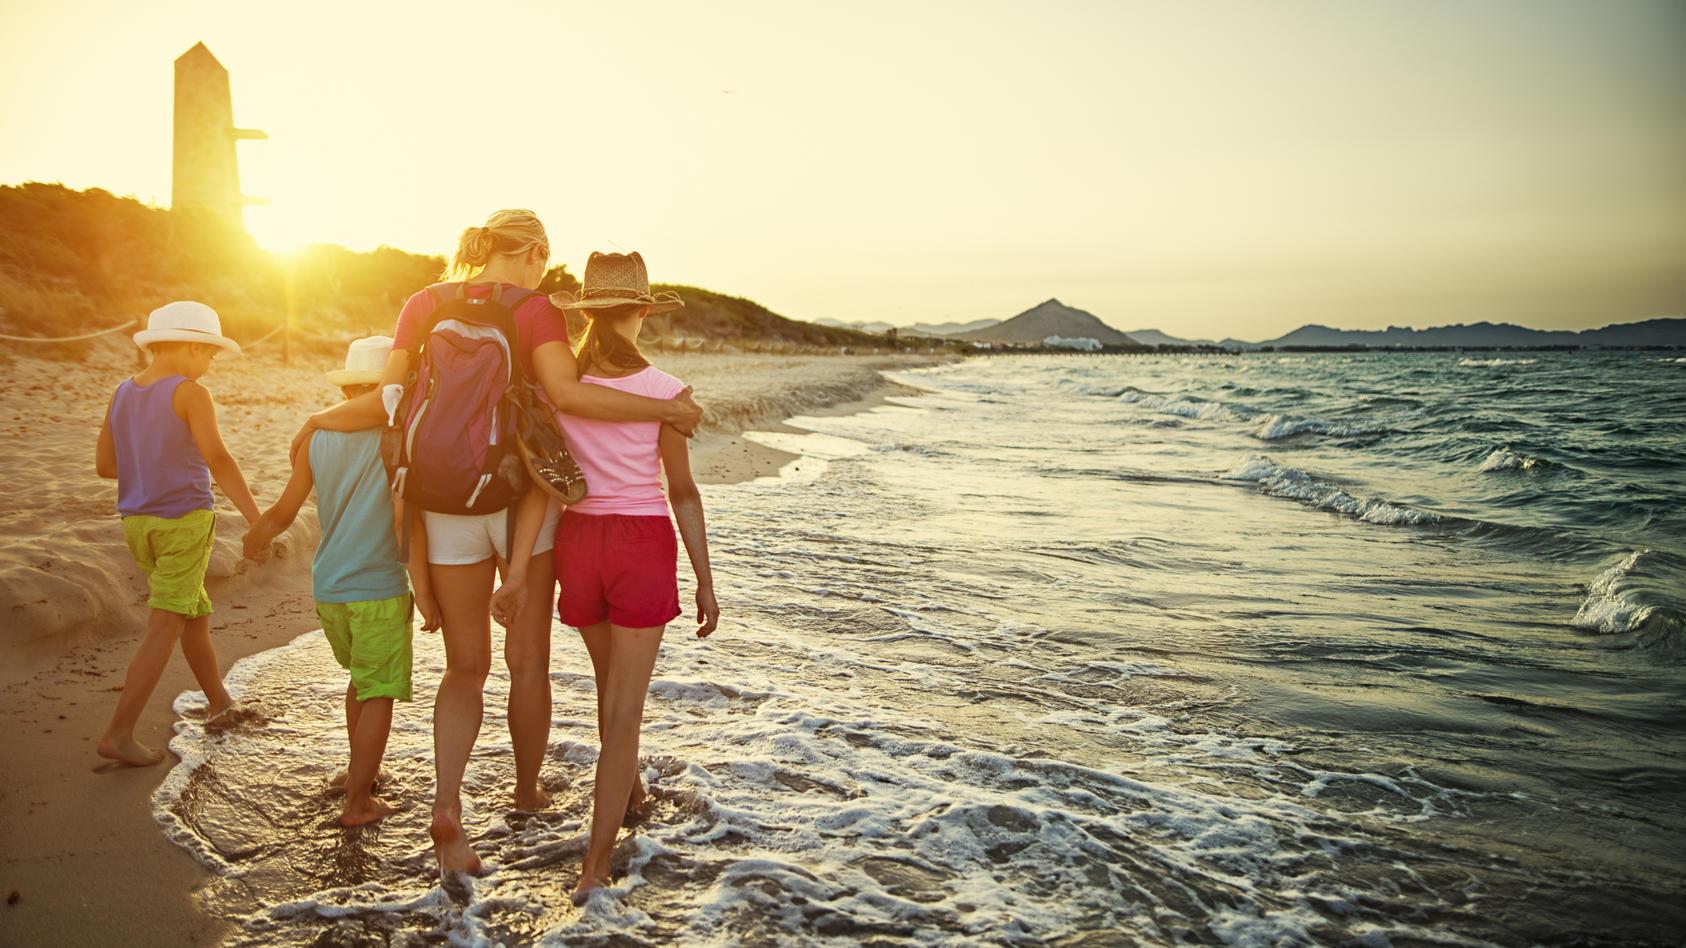 Am Strand in Spanien spazieren gehen? Das soll laut Spahn auch für Nicht-Geimpfte möglich sein.